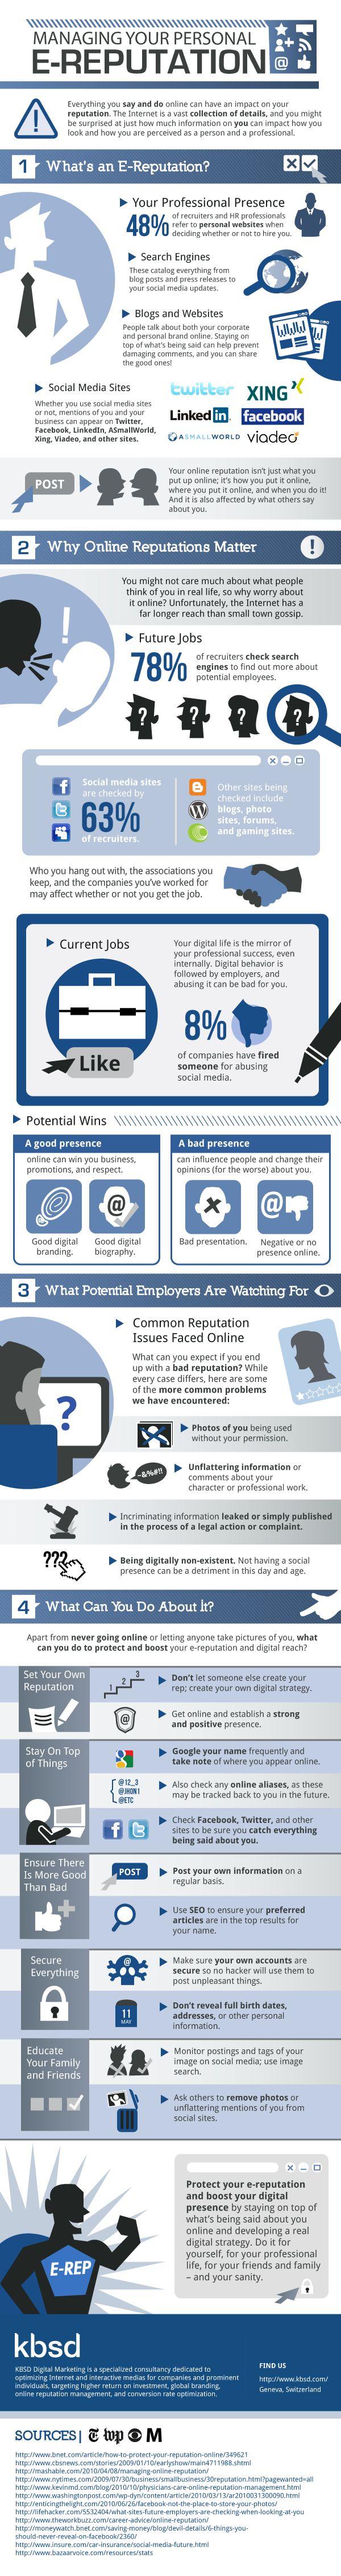 Esta infografía esboza bien detallado de lo importante que es la #reputación on-line hoy en día para persona